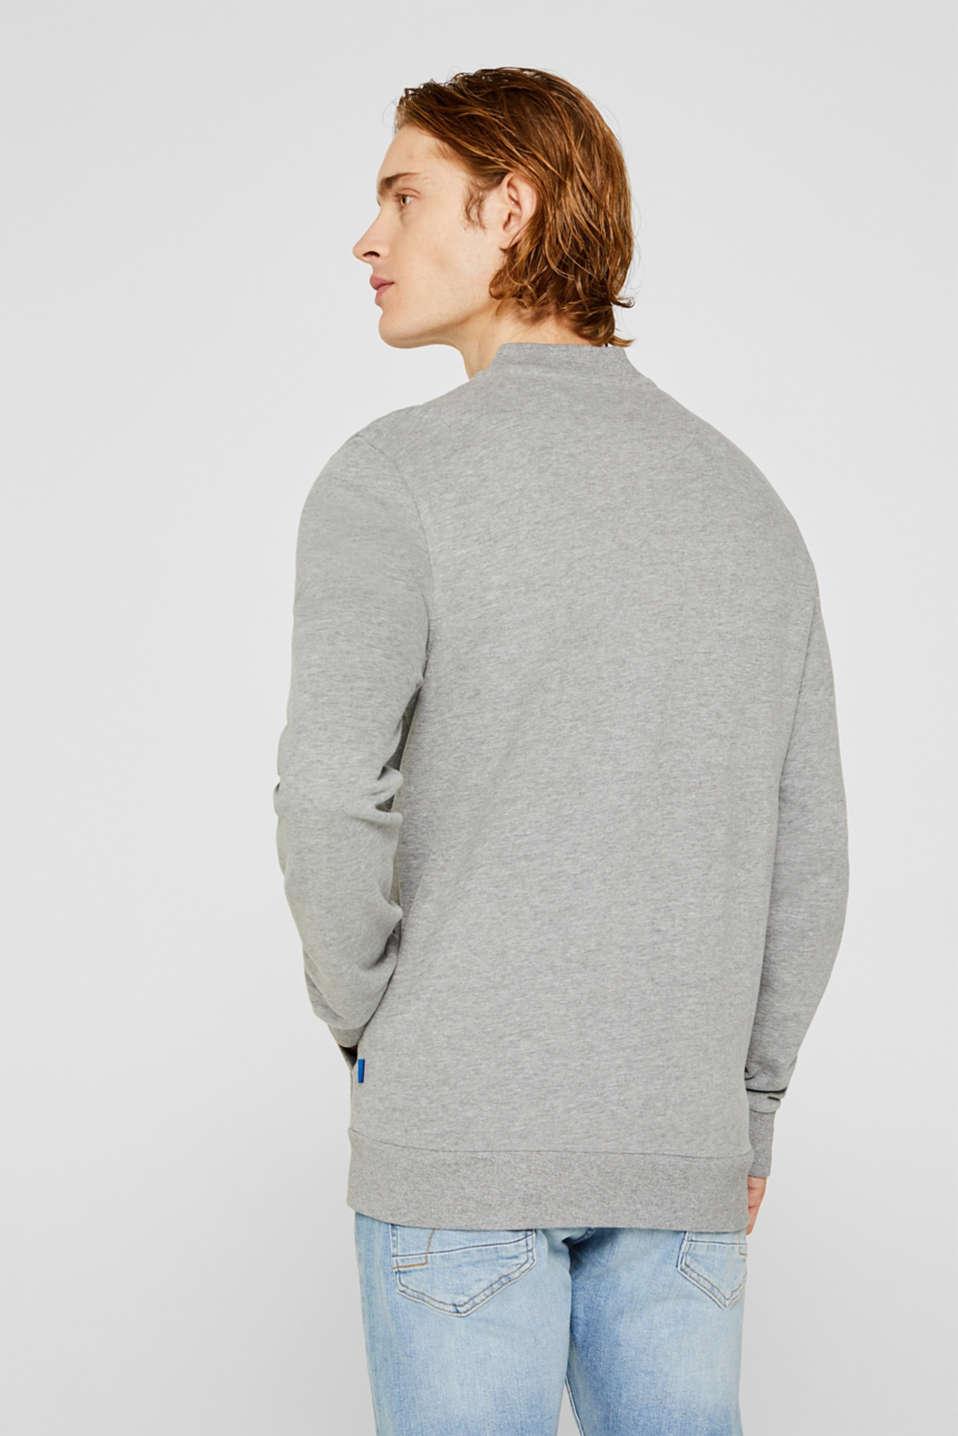 Cotton blend sweatshirt cardigan, MEDIUM GREY 5, detail image number 3